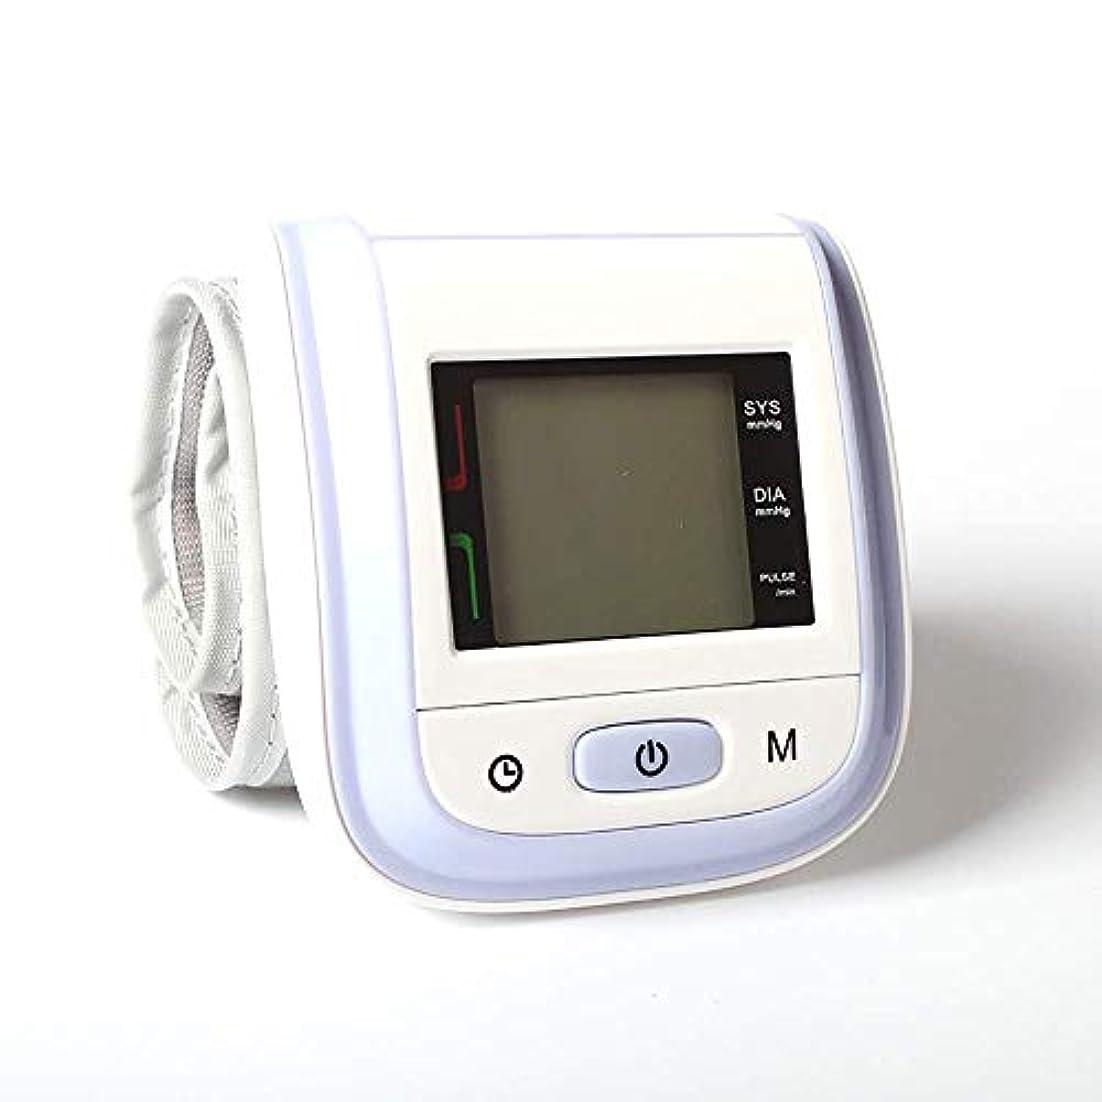 雄弁家なしでコンピューターを使用する手首血圧計ポータブル自動デジタル上腕血圧計と2ユーザーモードFDAが家庭での使用を承認